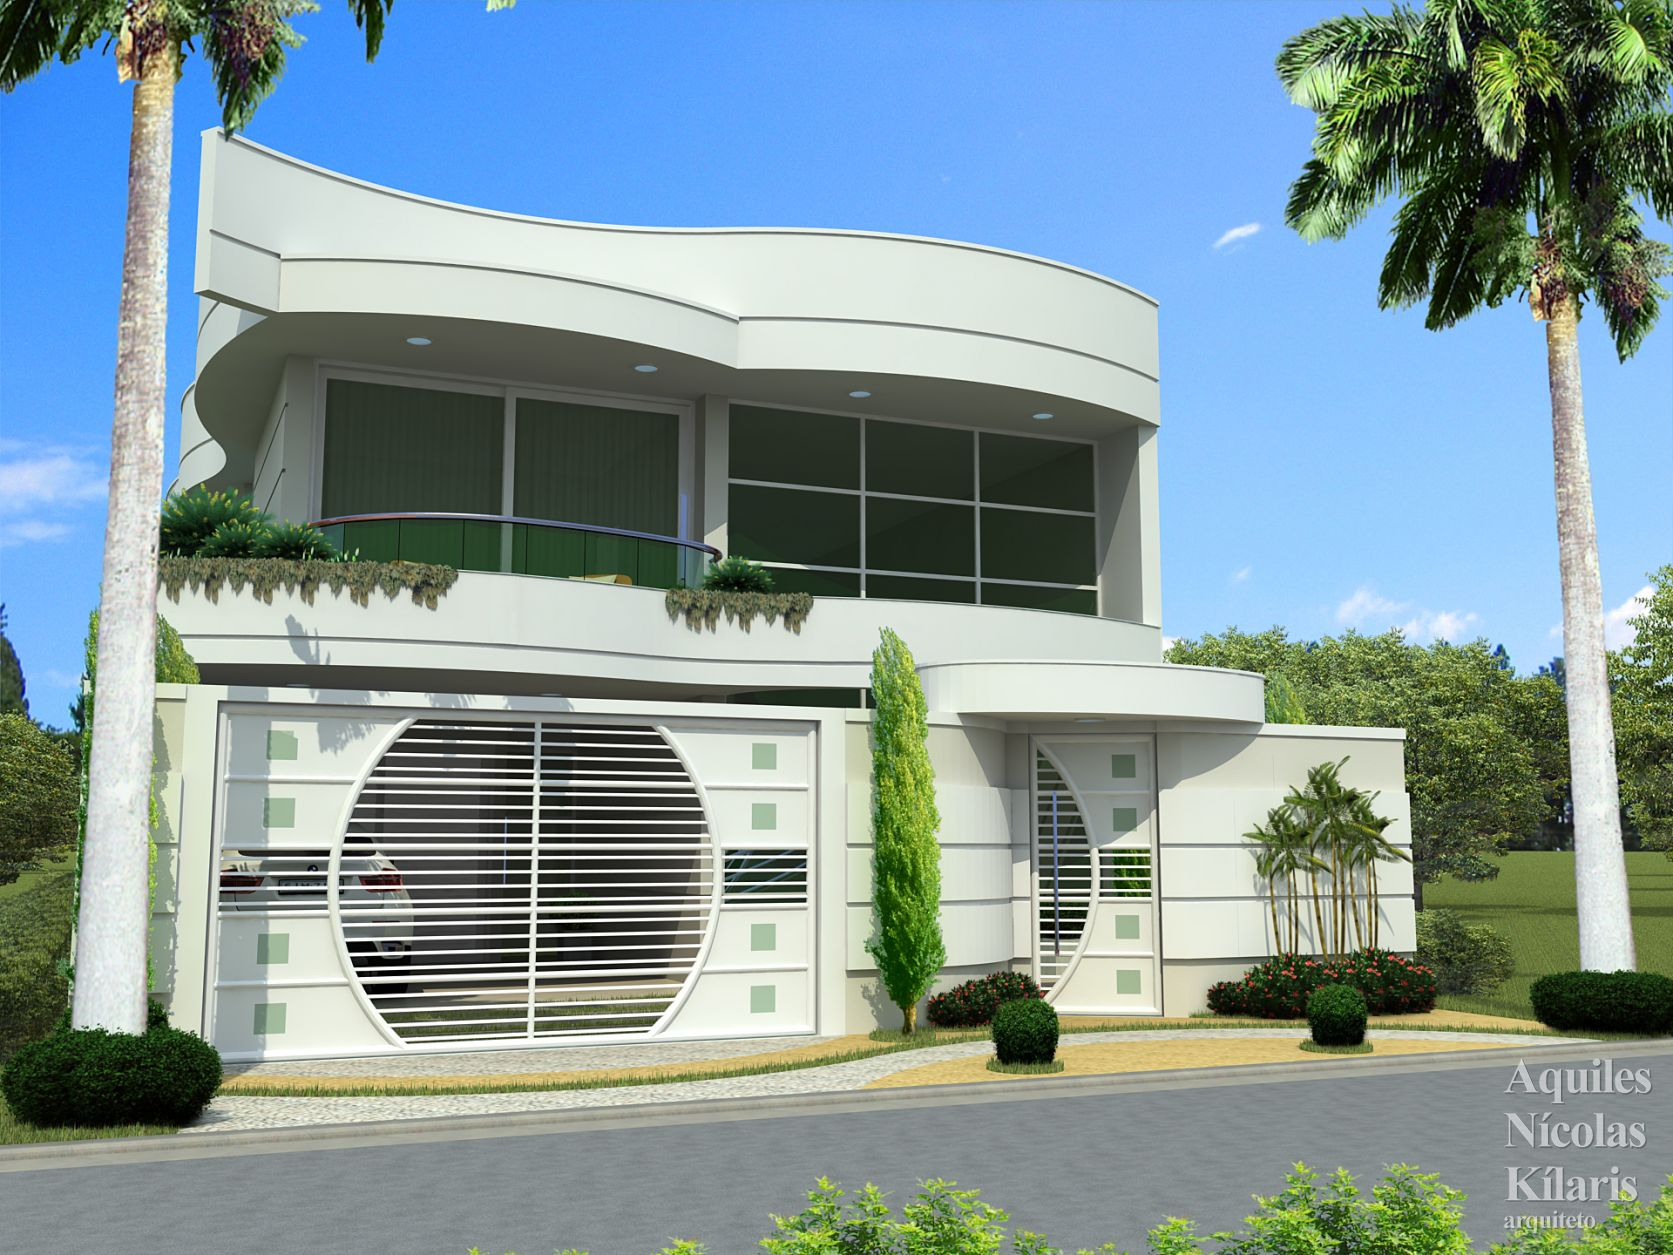 Arquiteto - Aquiles Nícolas Kílaris - Projetos Residenciais - Projeto Iguatu - CE